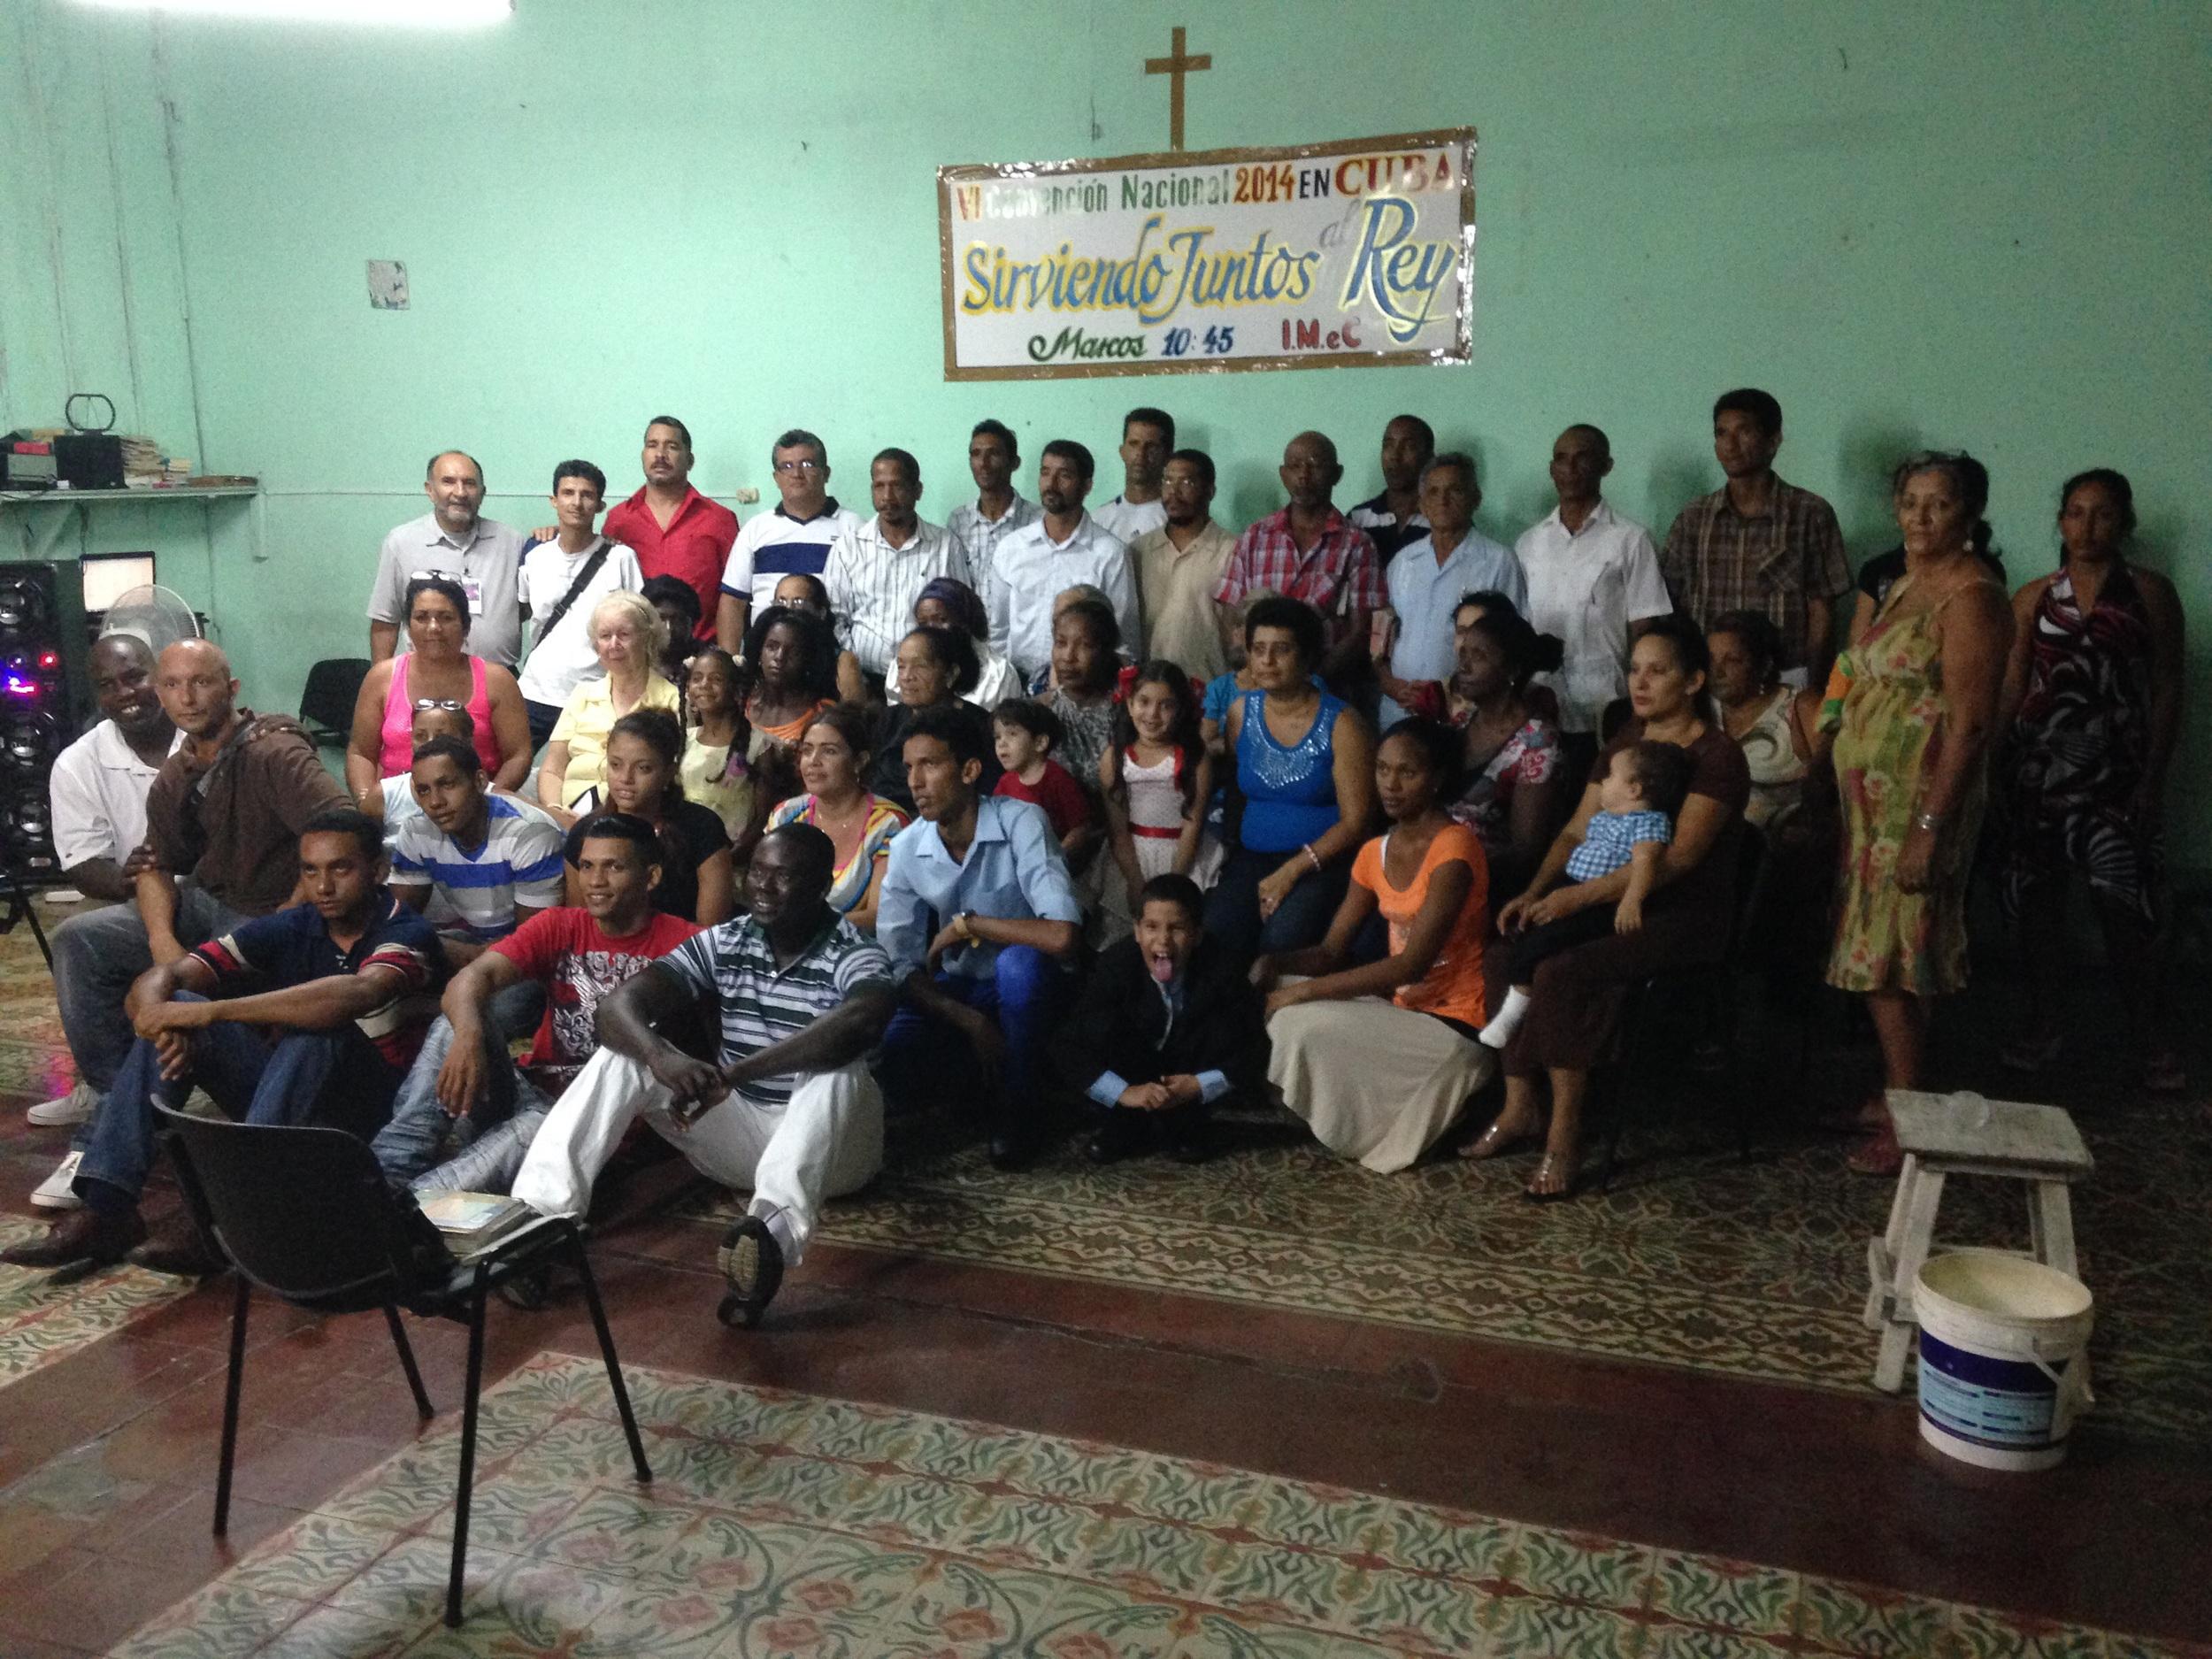 Pastors and church leaders in Cuba